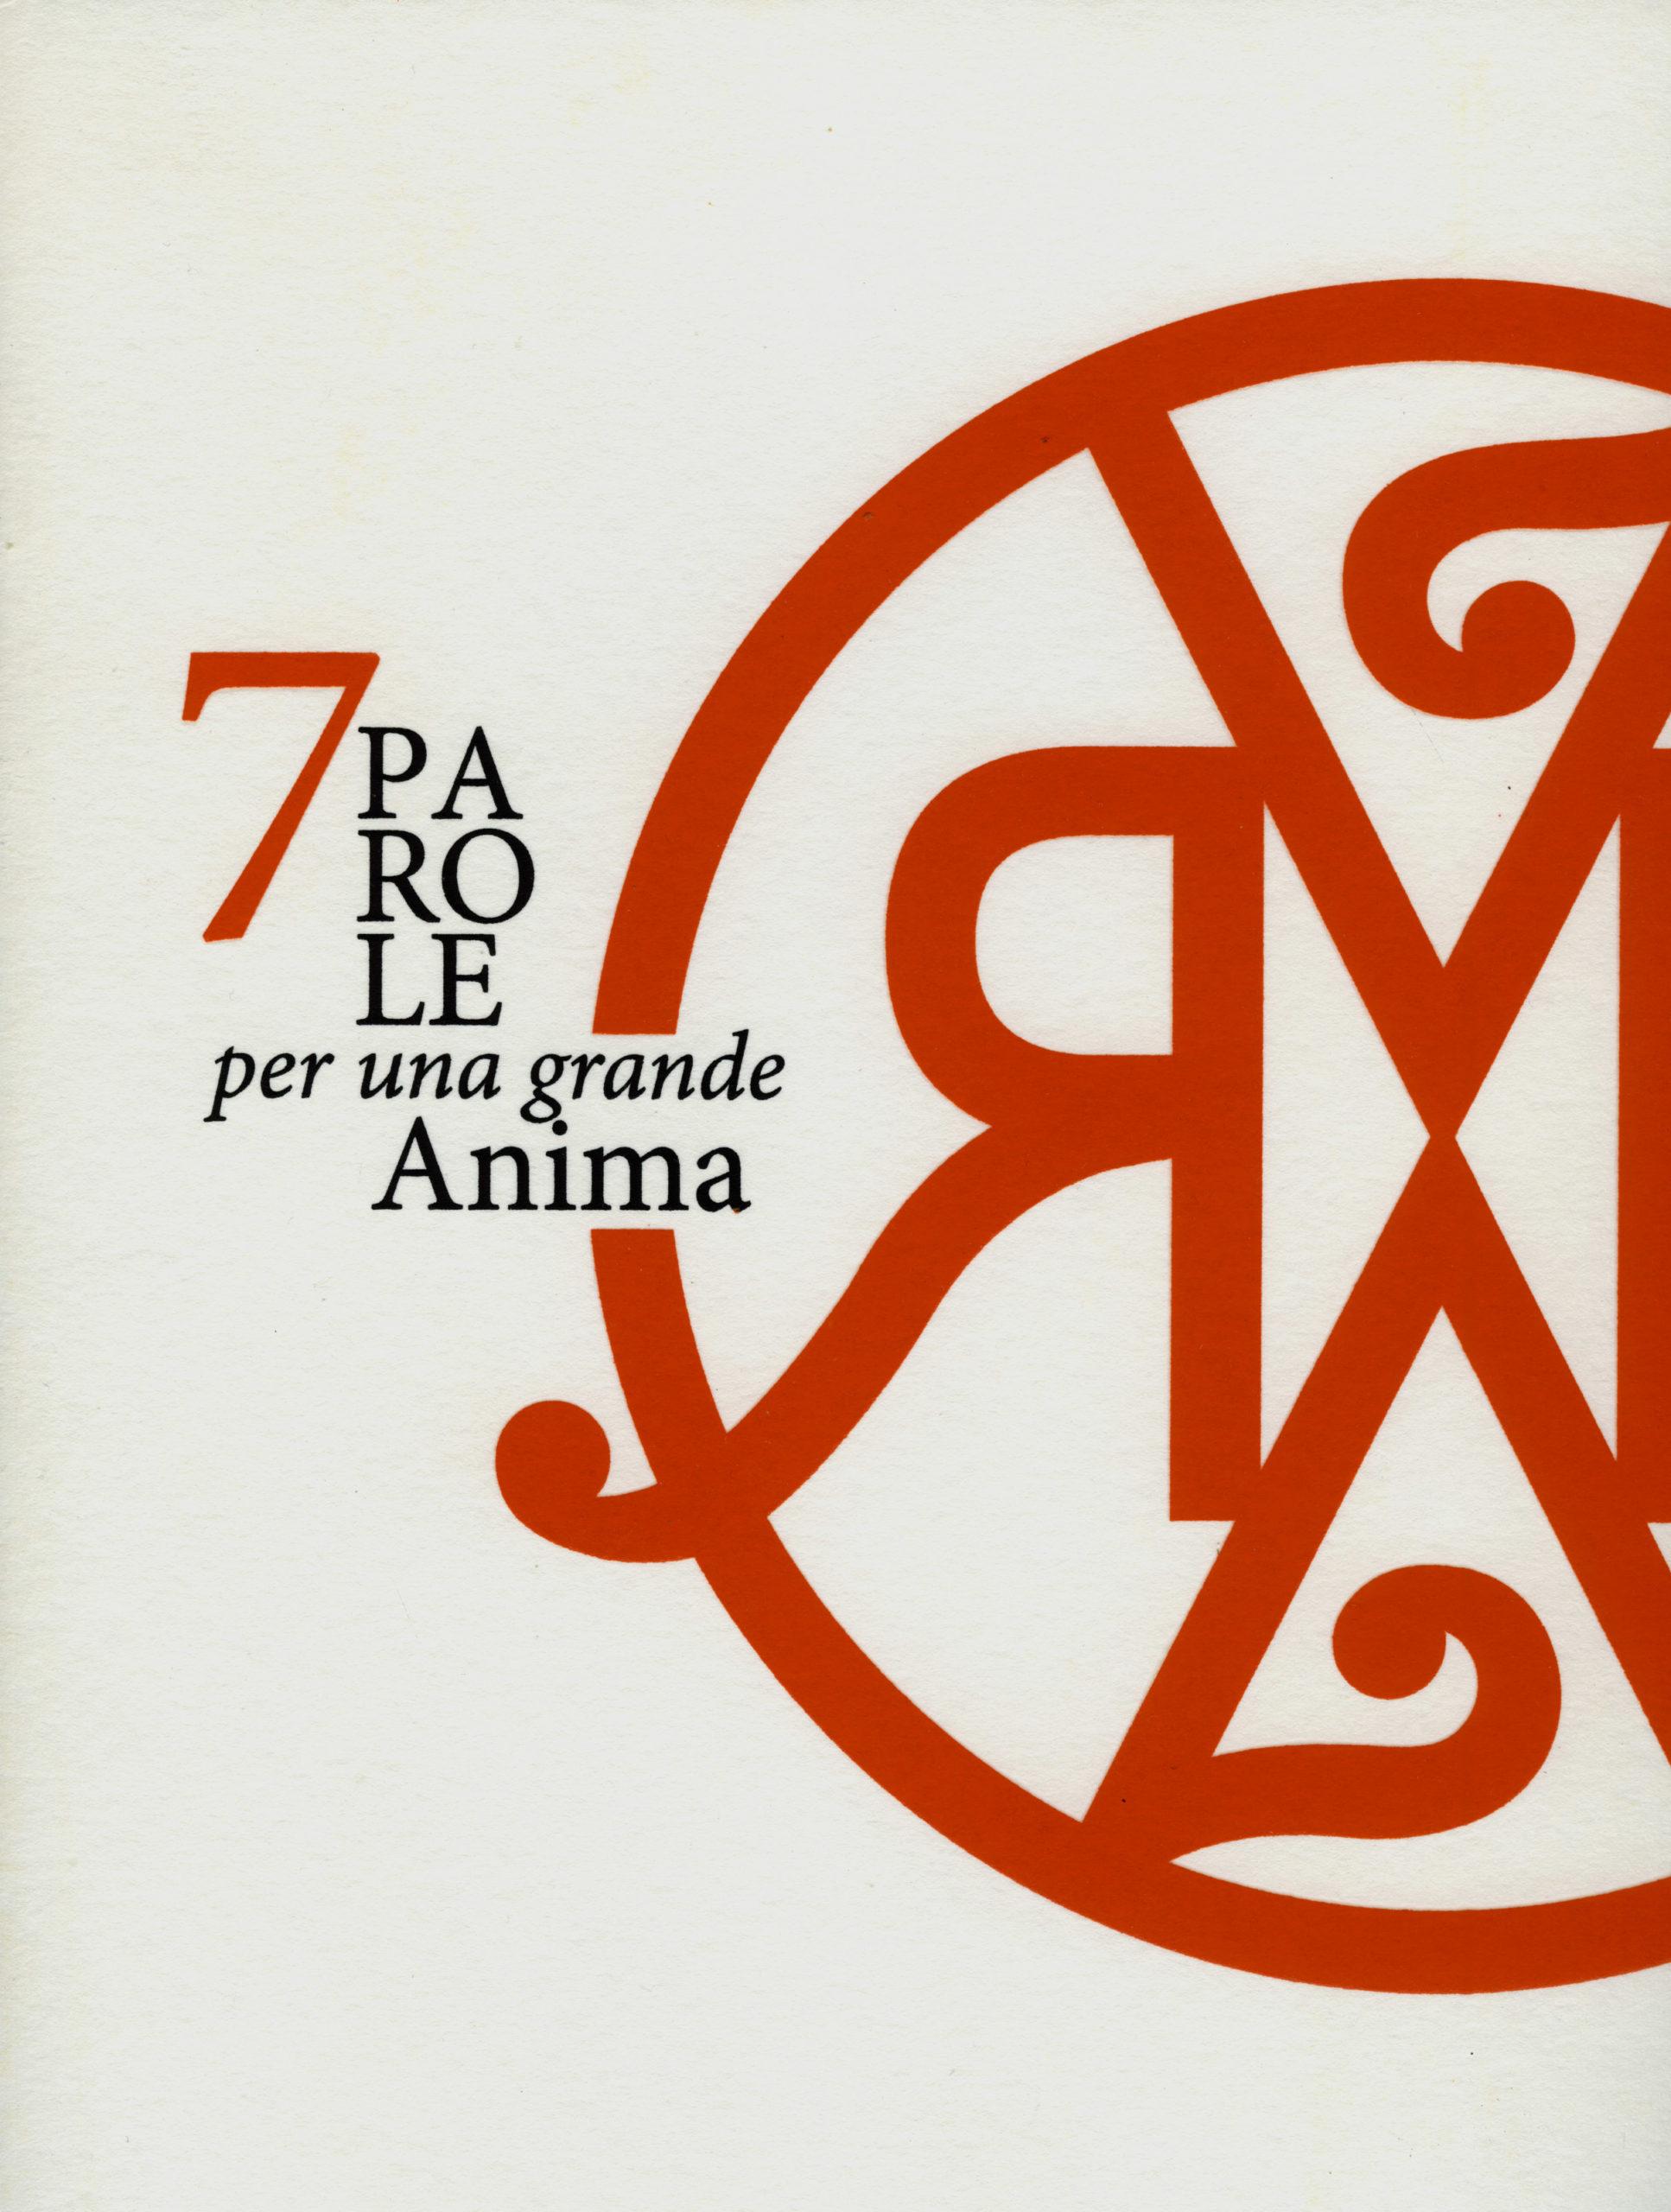 """""""7 parole per una grande Anima. Dedicato a Rosy Medri""""- Valerio Palmieri"""